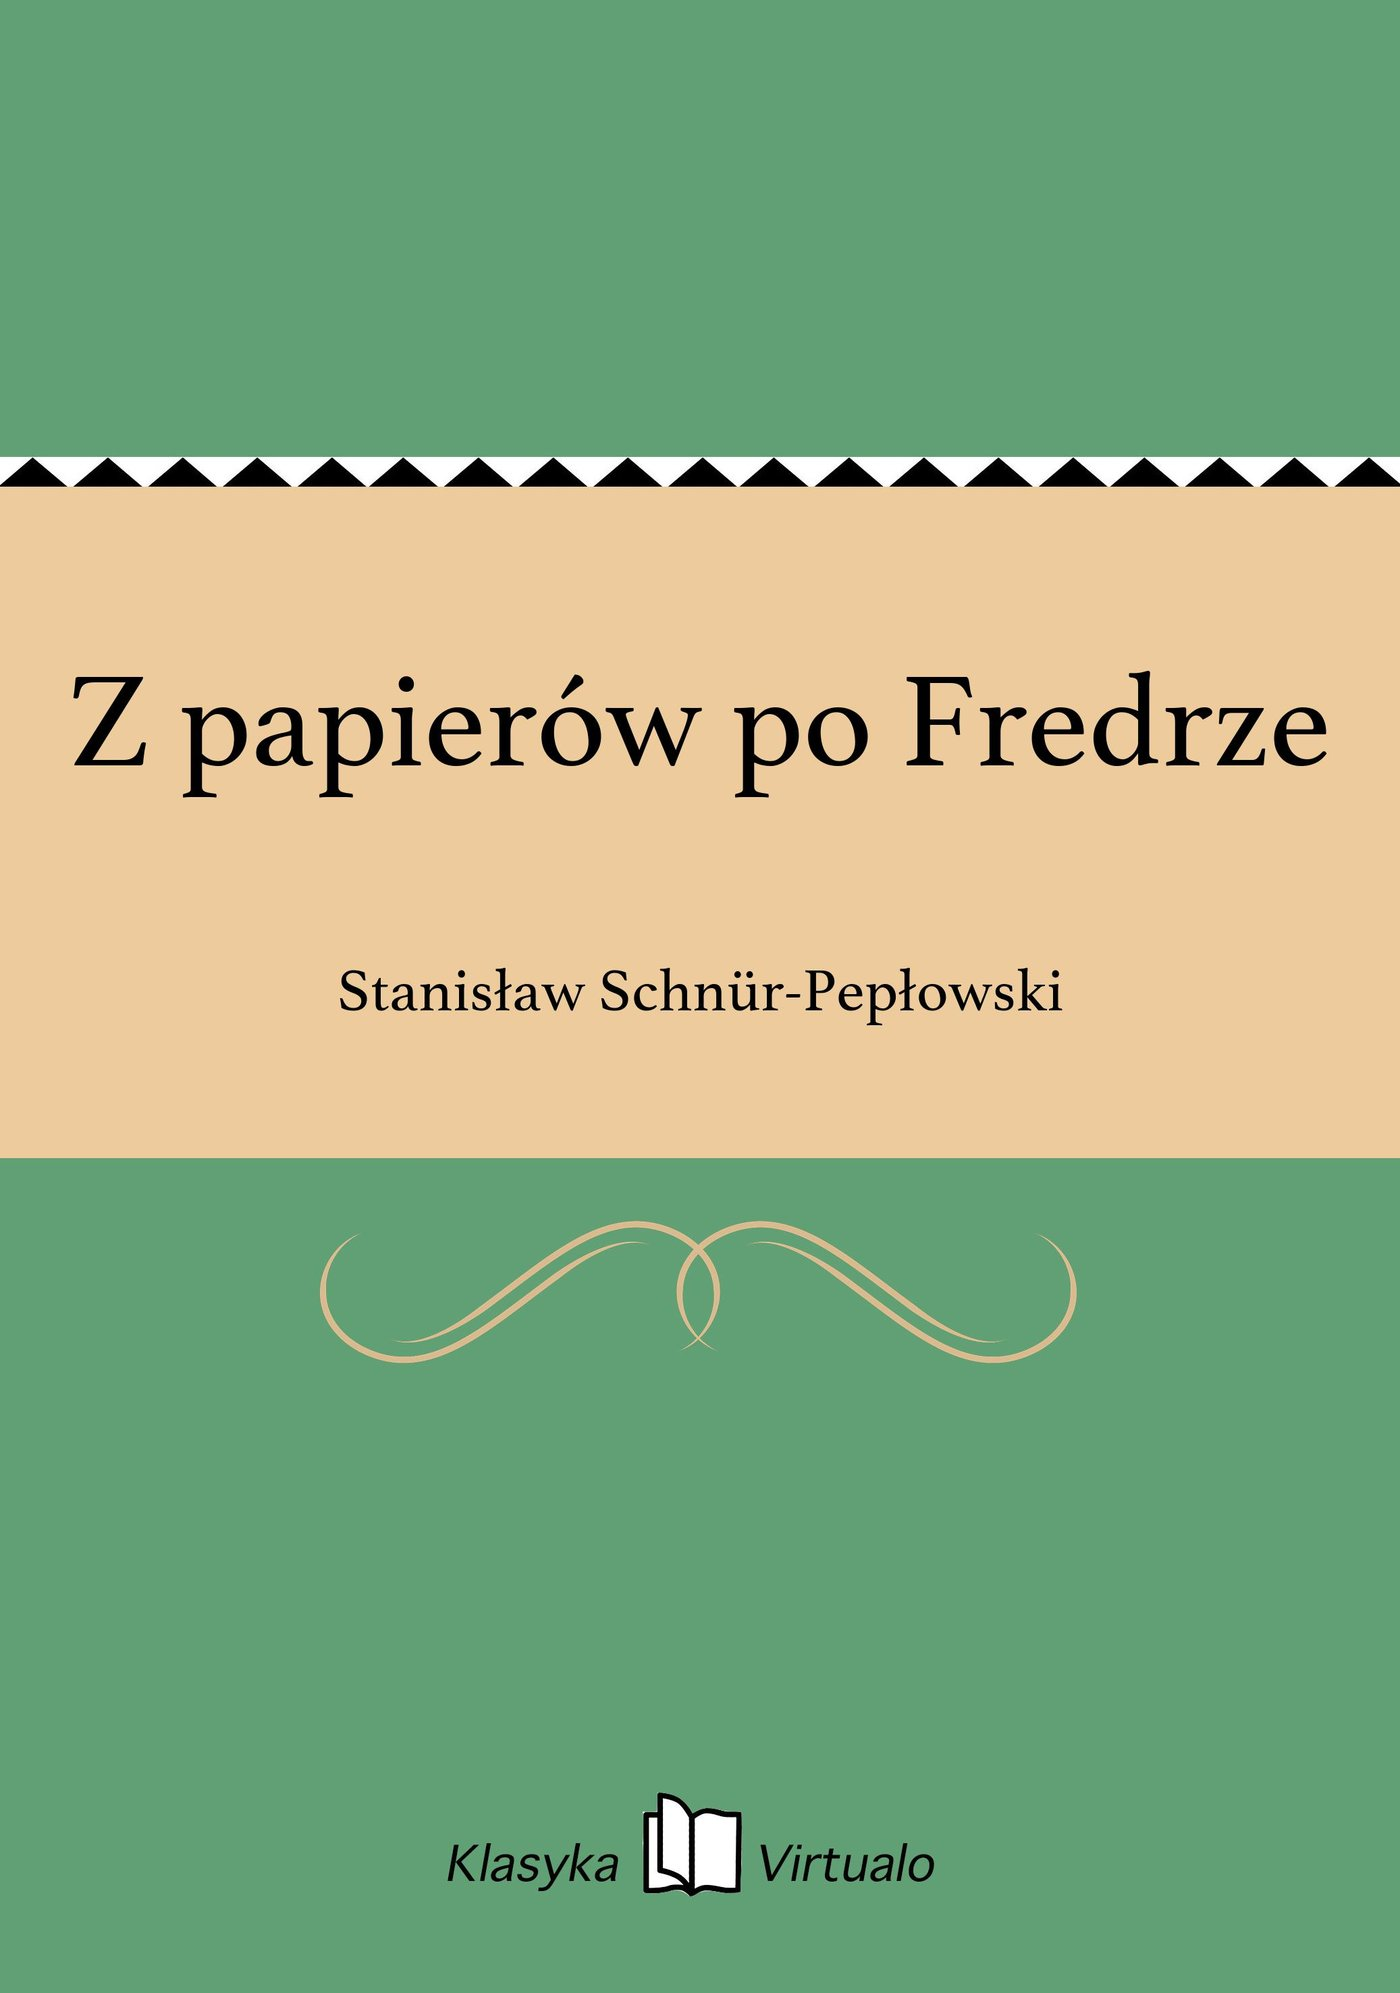 Z papierów po Fredrze - Ebook (Książka EPUB) do pobrania w formacie EPUB